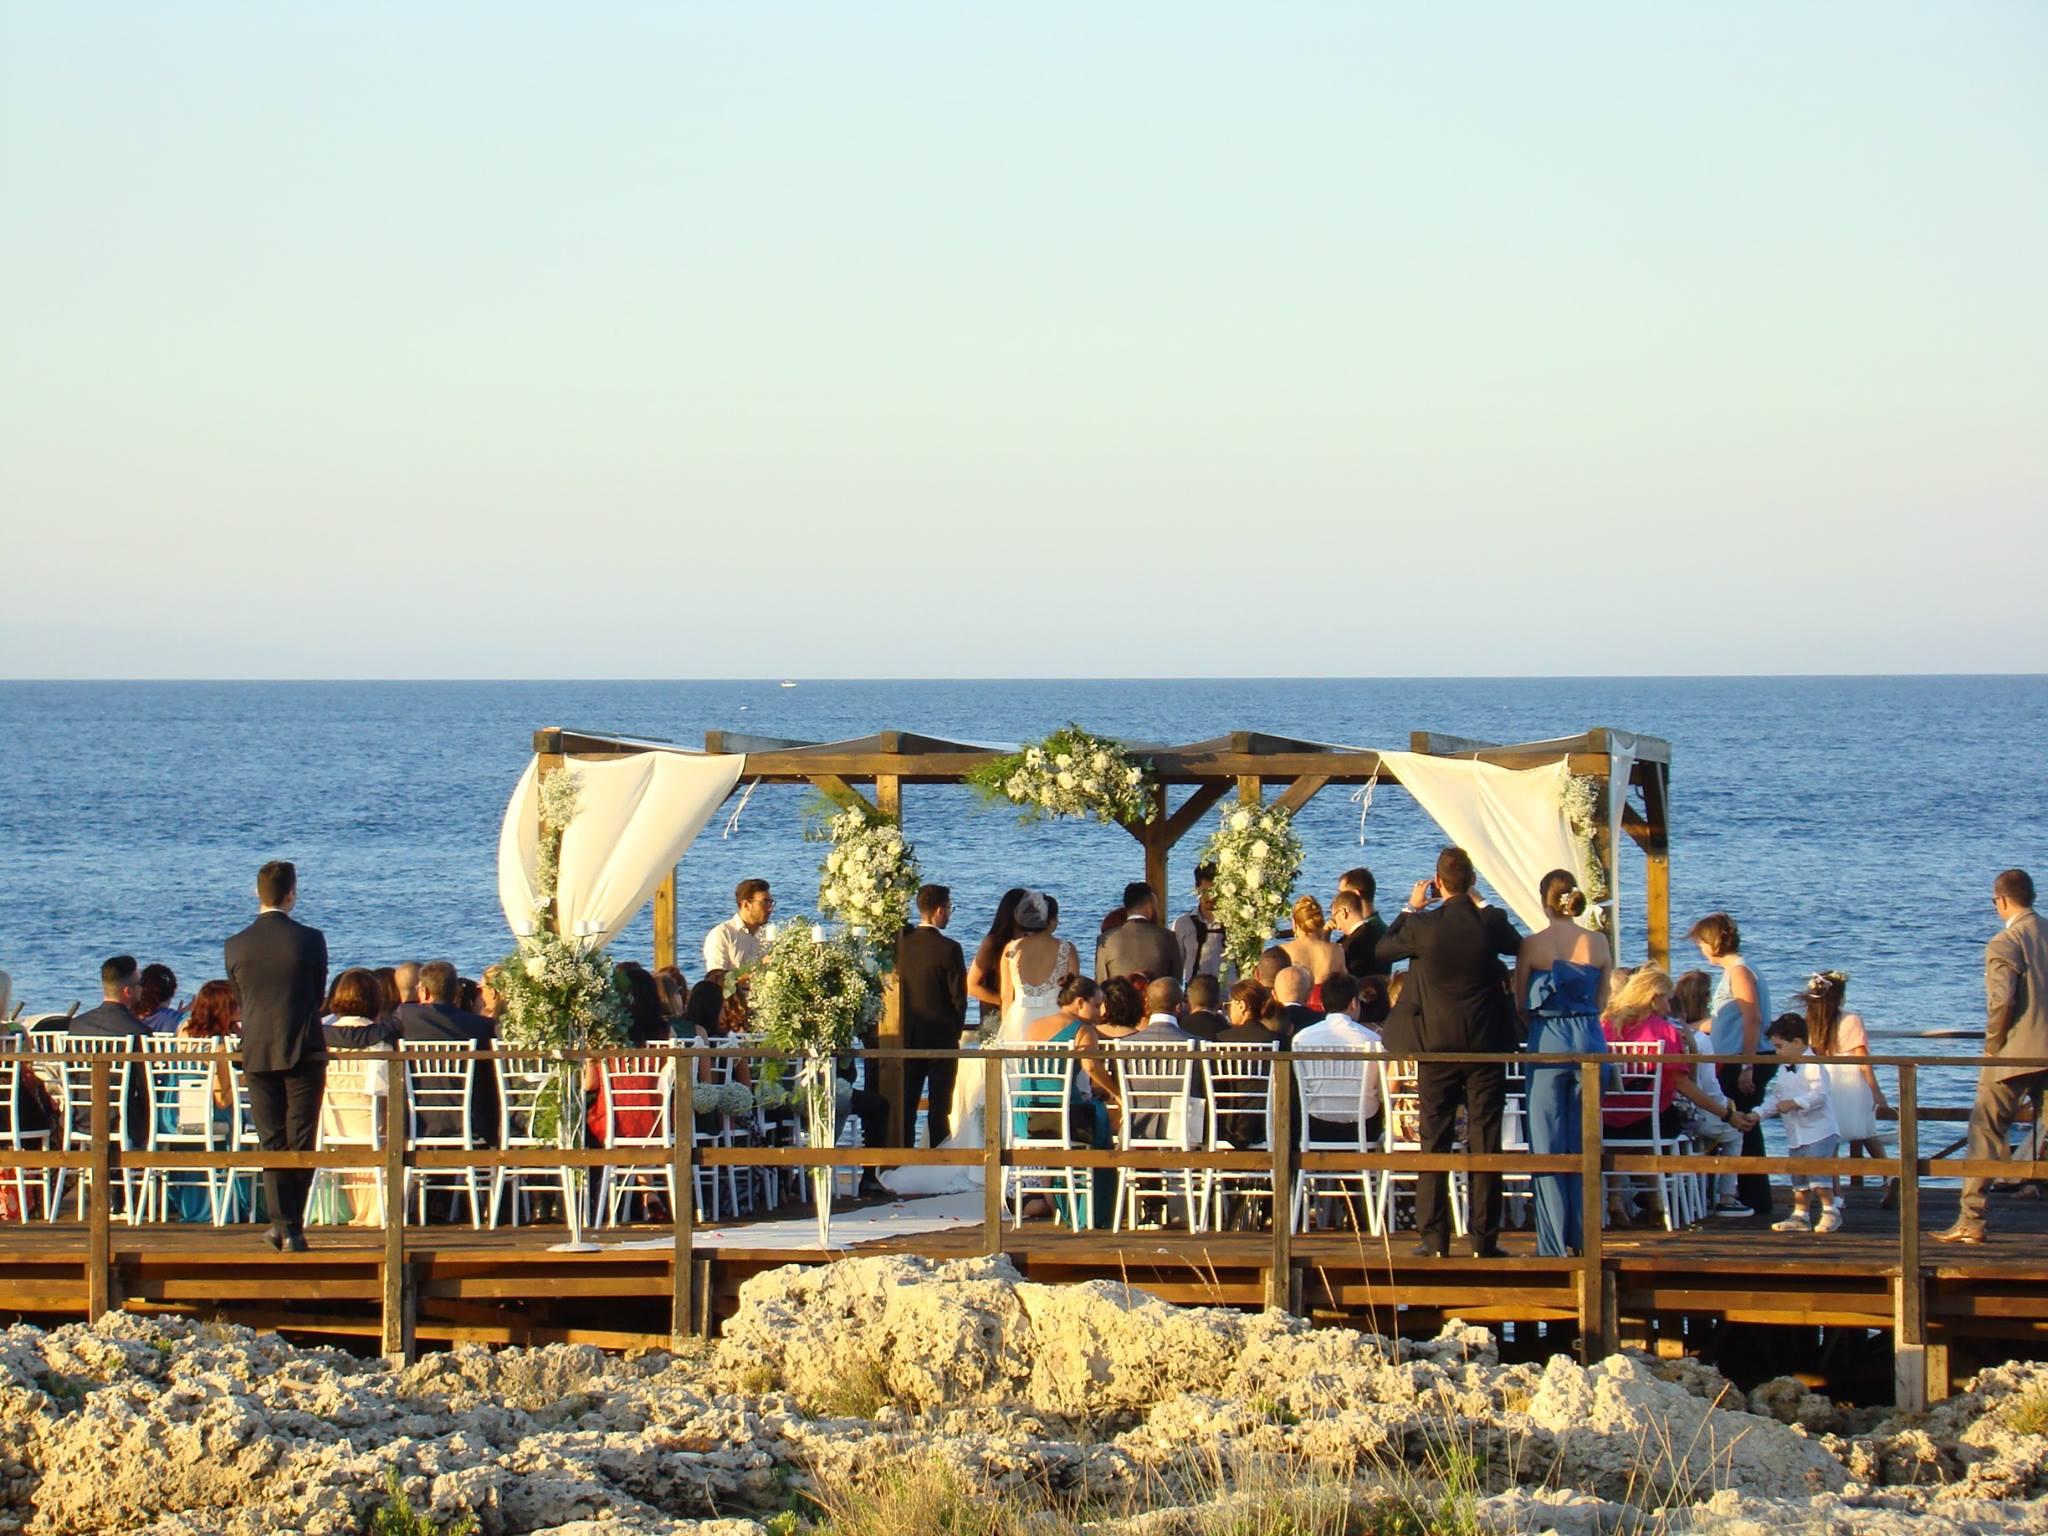 matrimonio-scogliera-sicilia-catania-animazione-service-il-matrimonio-all-aperto